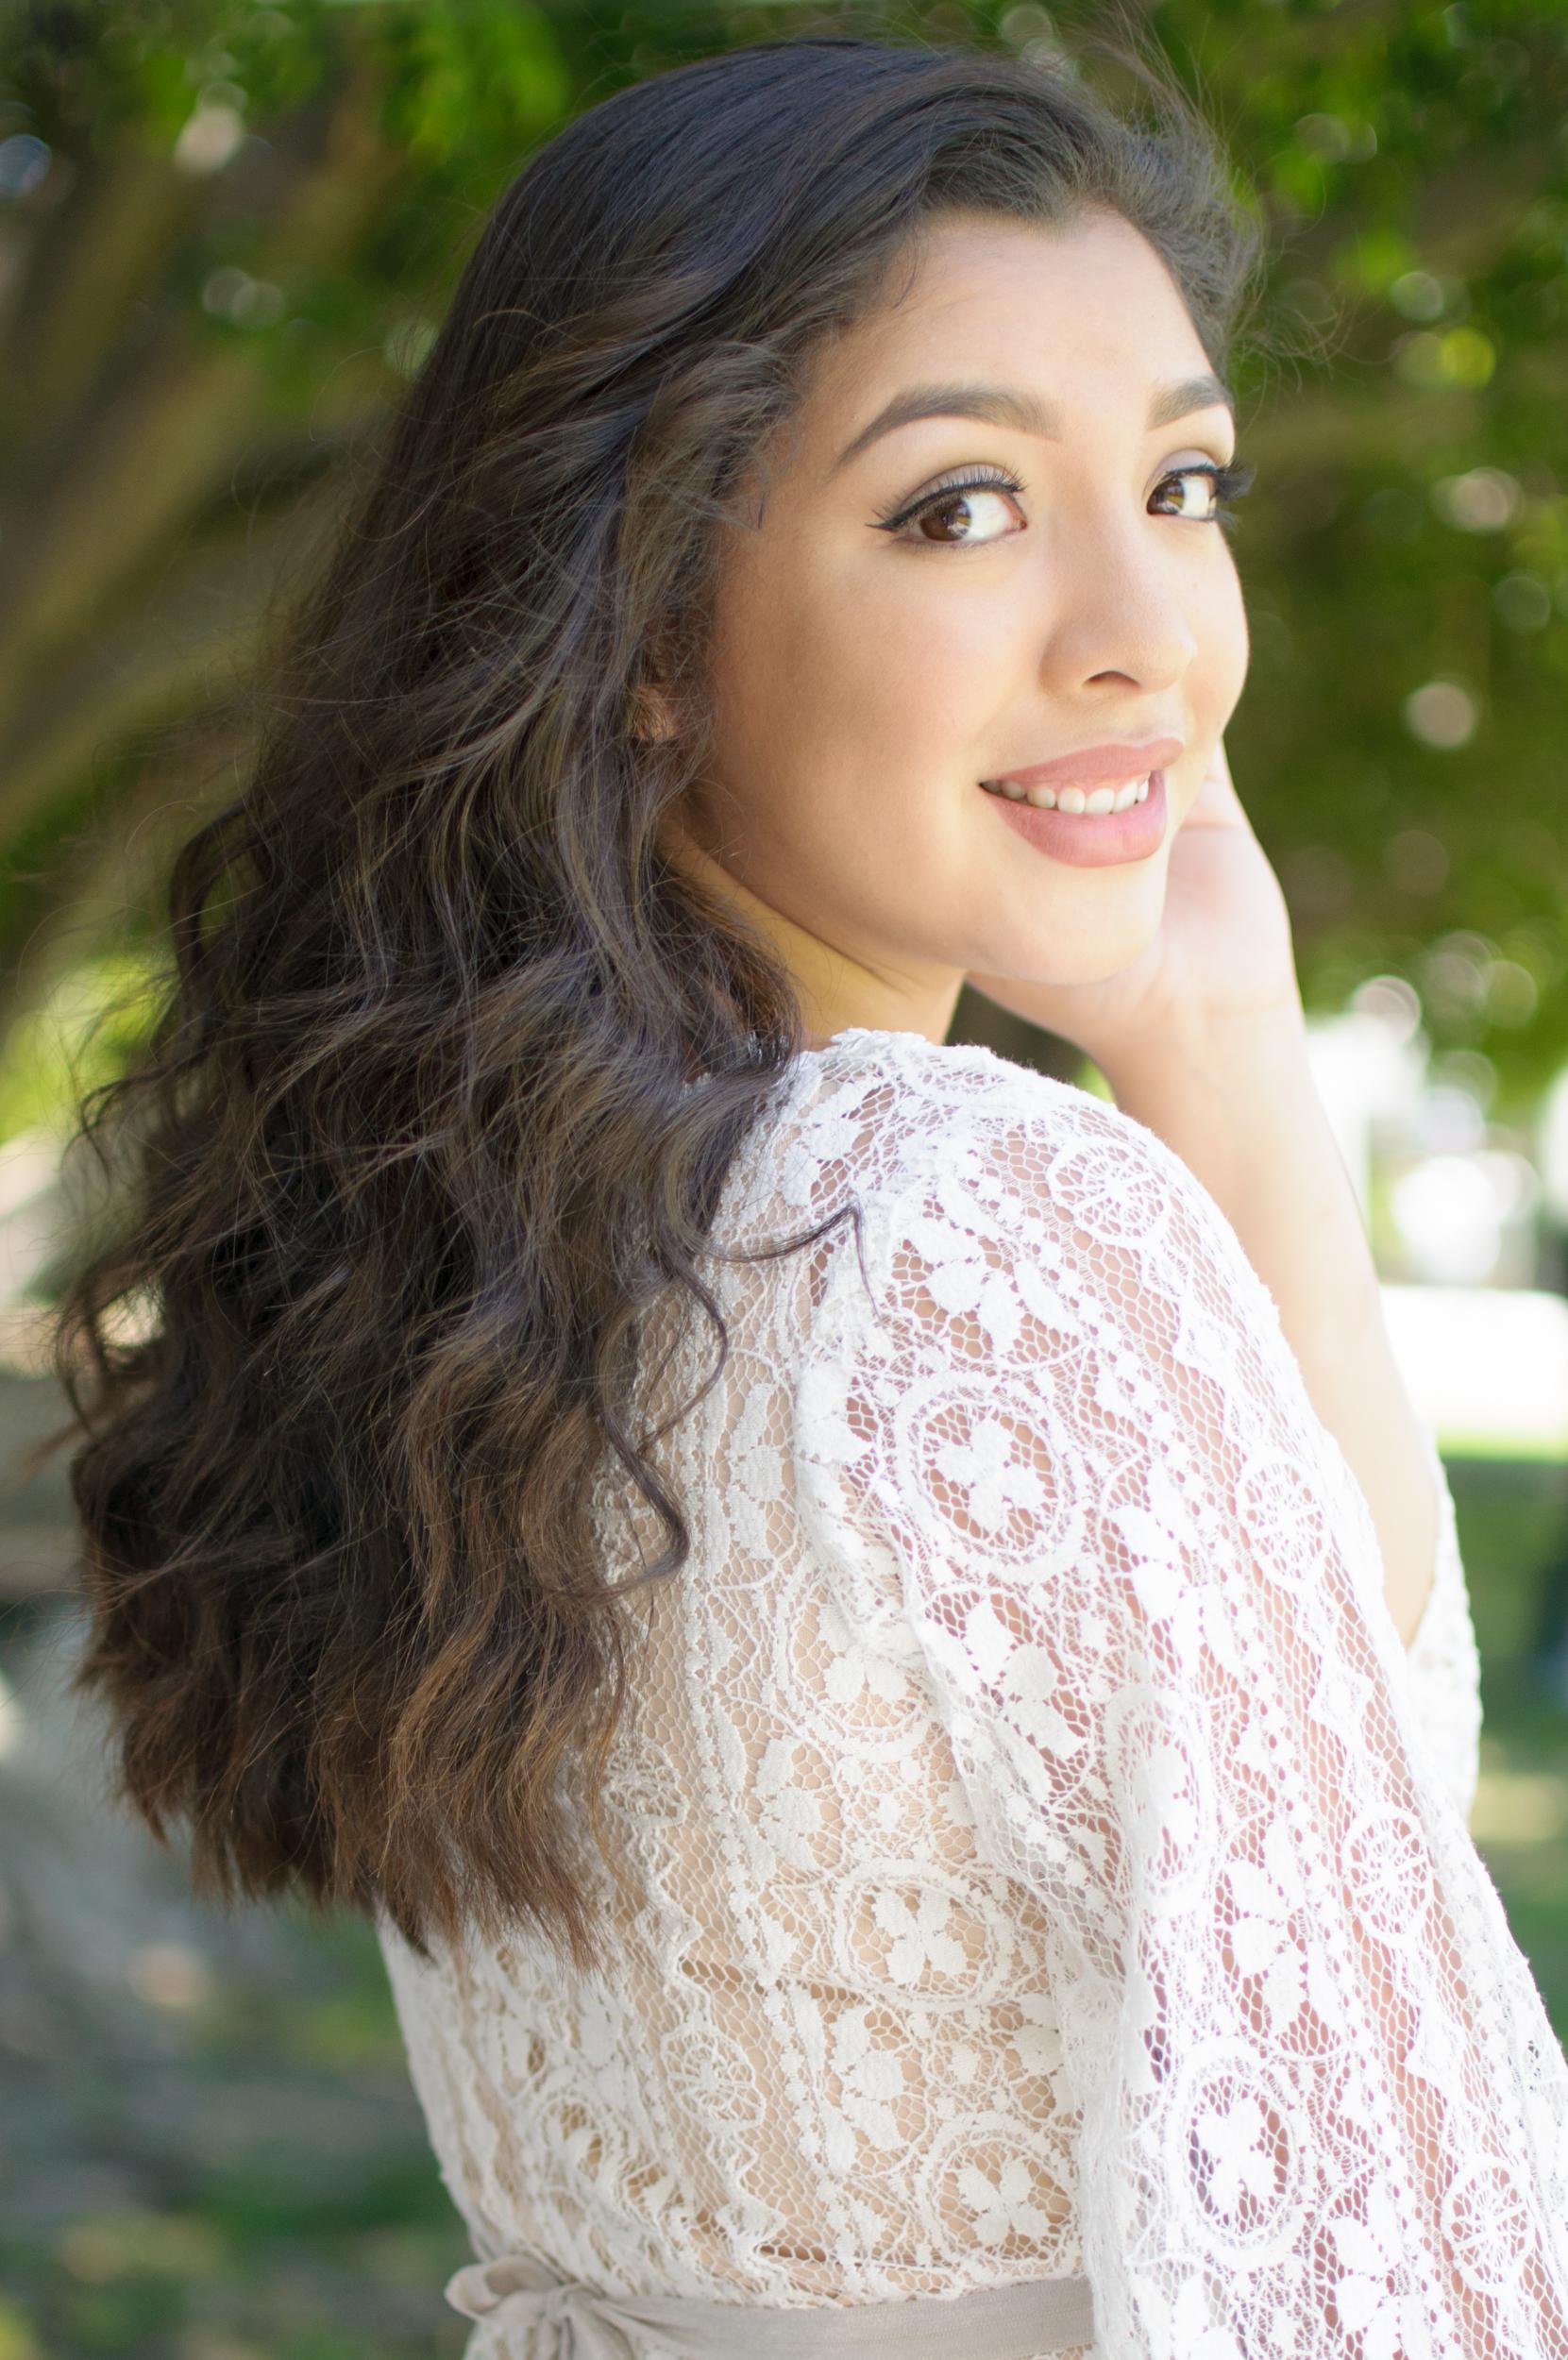 Pretty Girl in Lace Dress LA Senior Portrait